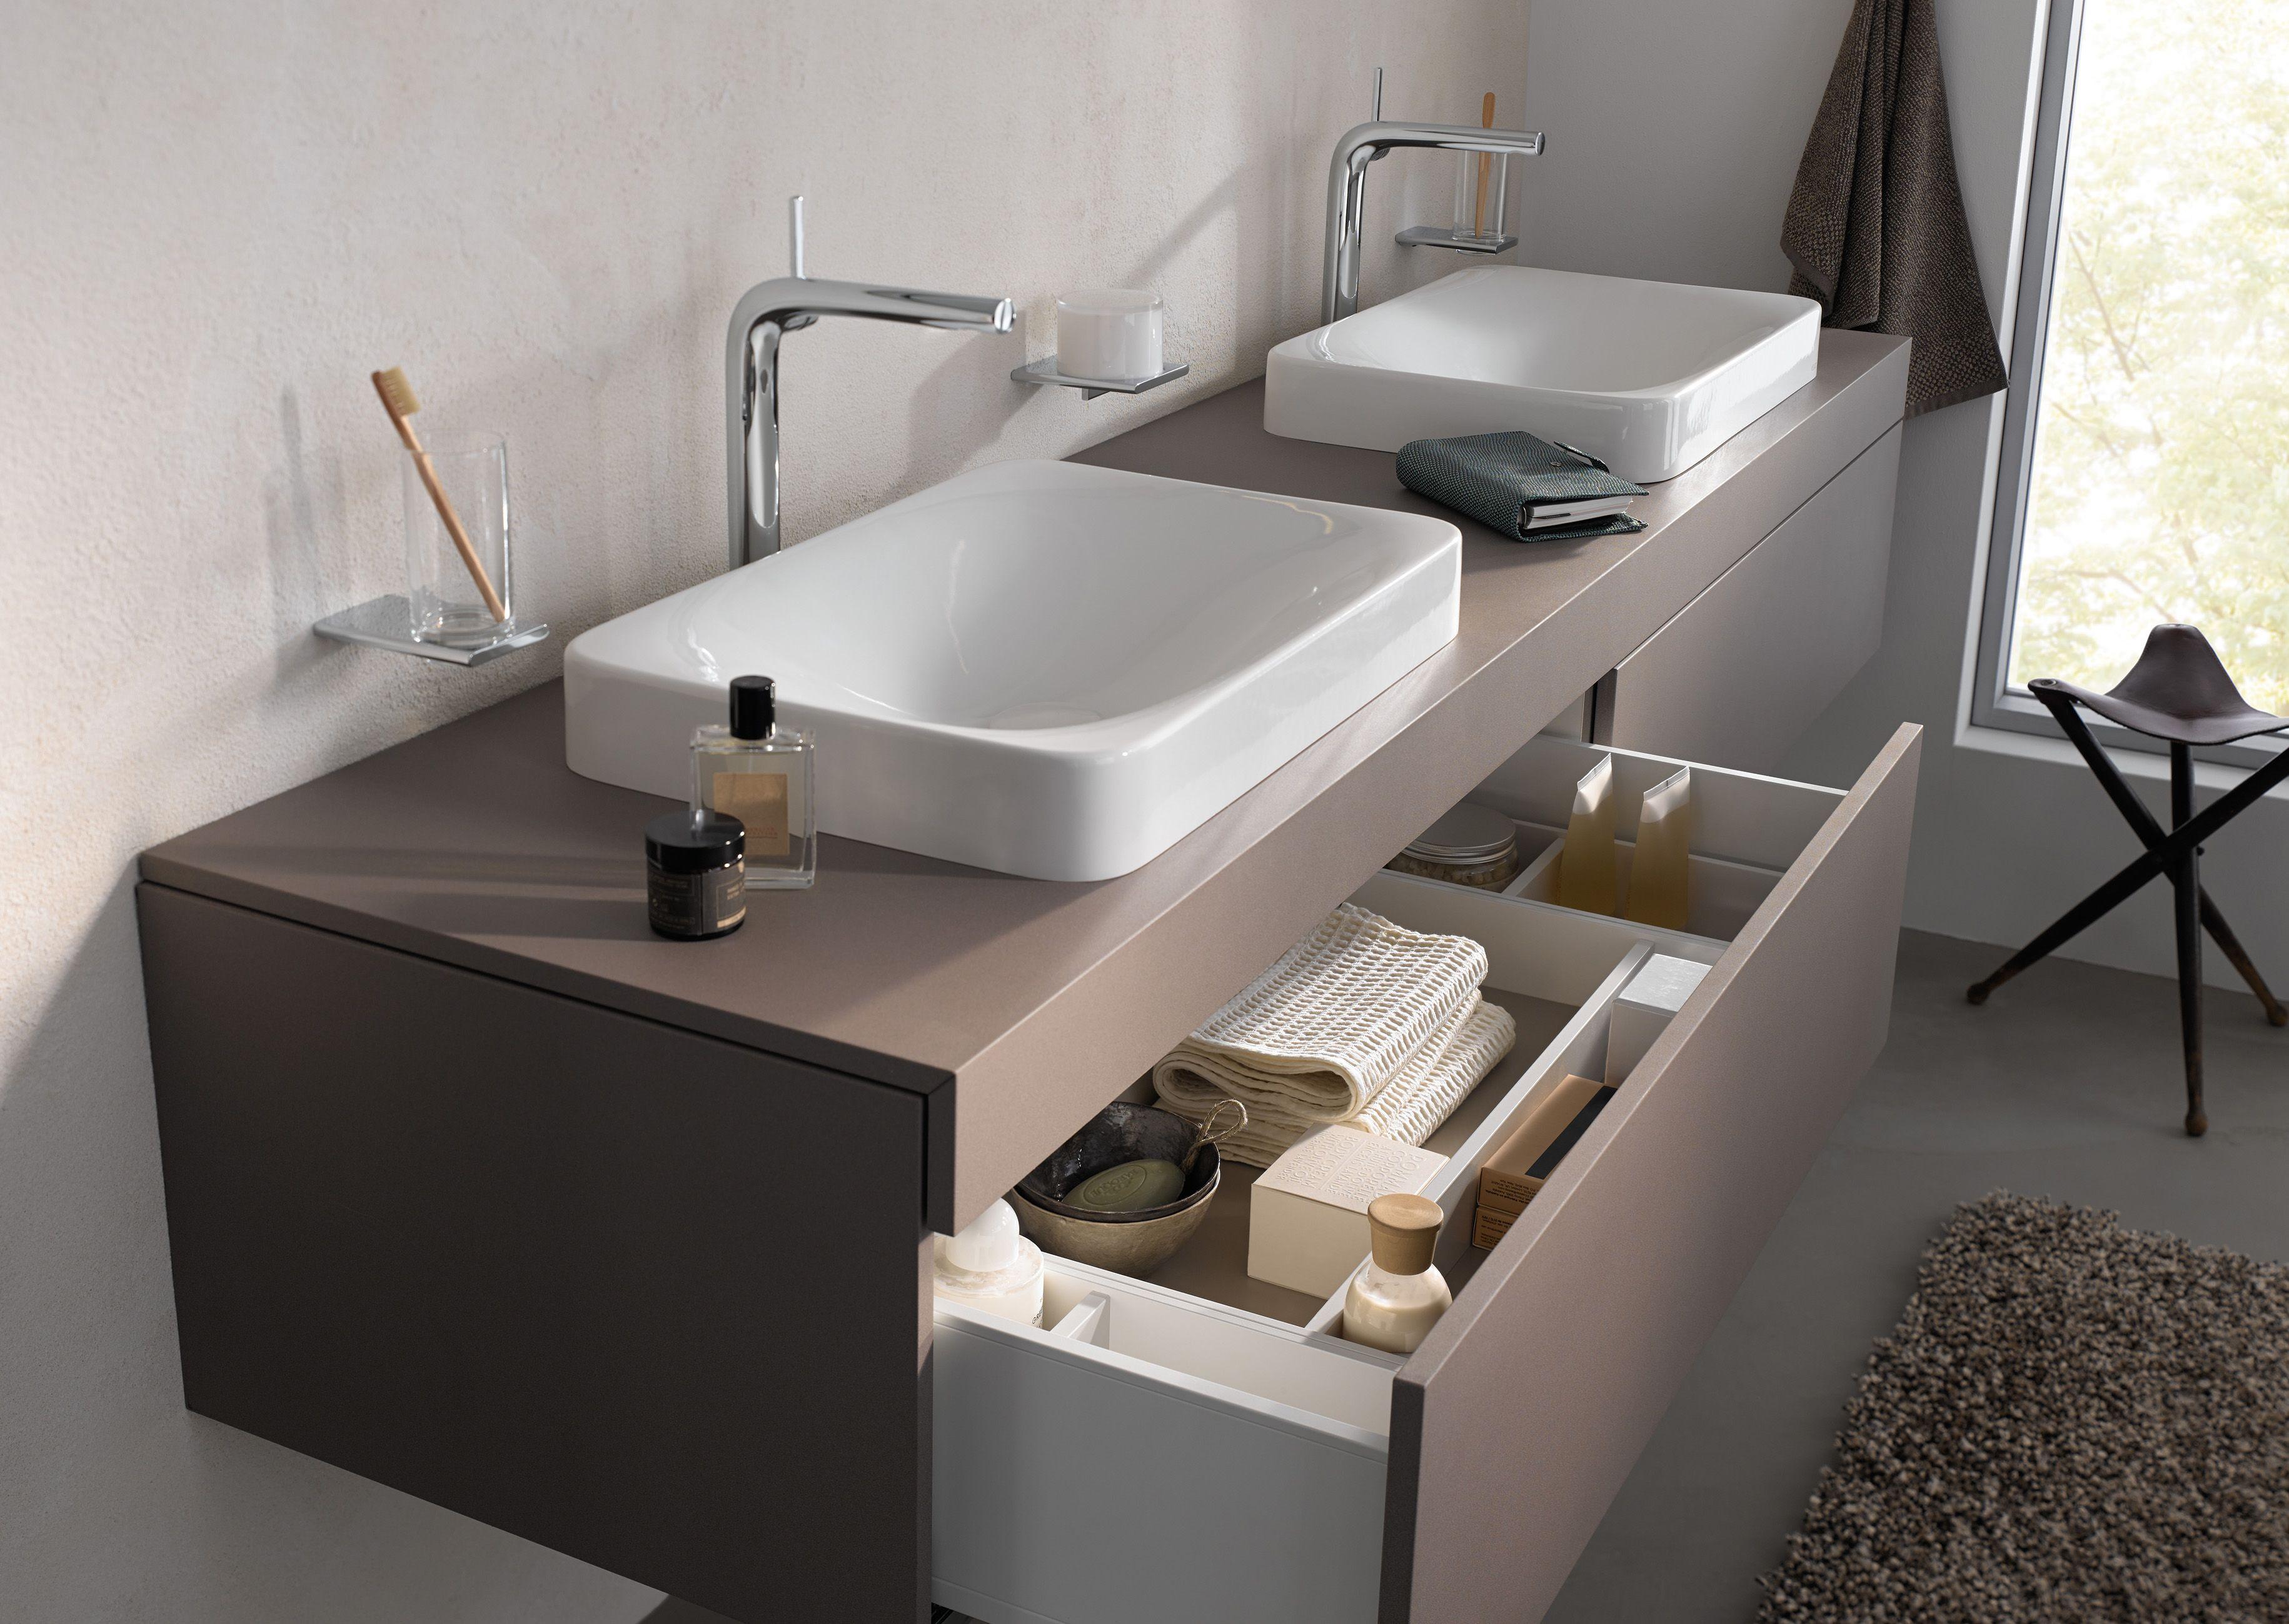 Ein Oder Zwei Waschbecken Was Ist Dir Bei Der Badezimmerplanung Wichtig Unser Tipp Noti Unterschrank Waschbecken Badezimmer Zwei Waschbecken Badezimmerideen